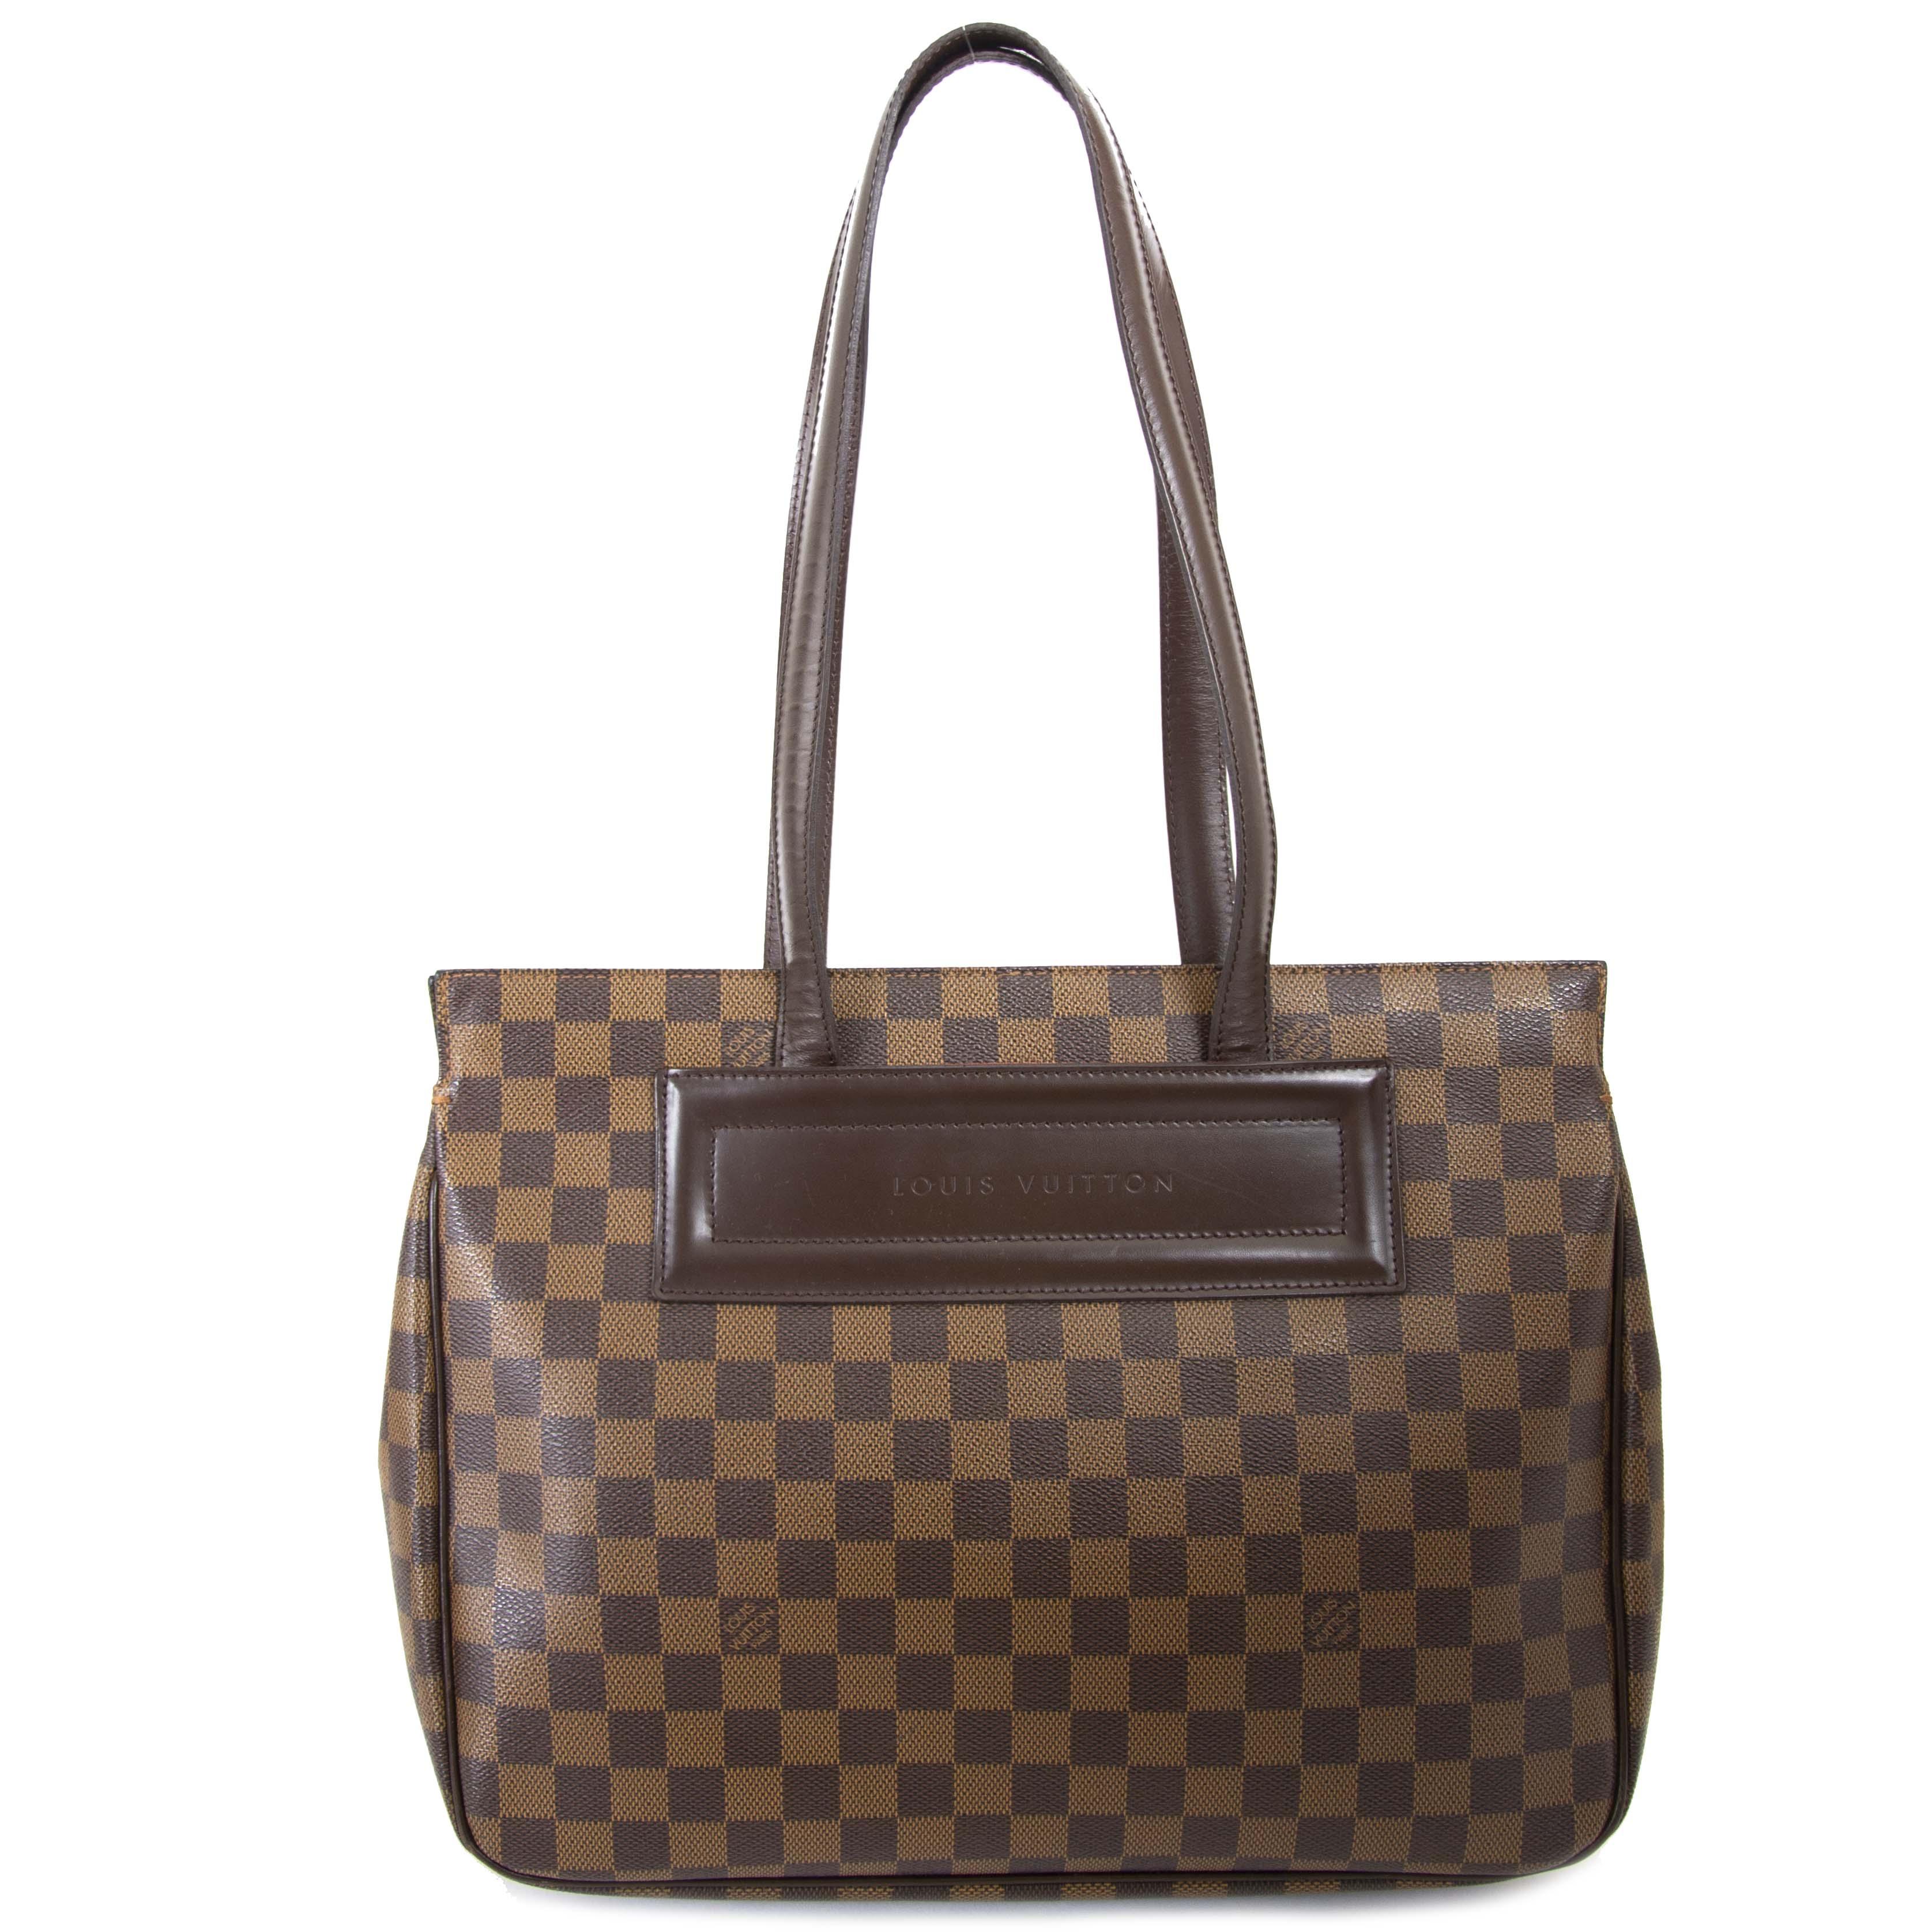 ... Louis Vuitton Monogram Damier Parioli Bag veilig tweedehands aankopen 100b6d3f7db